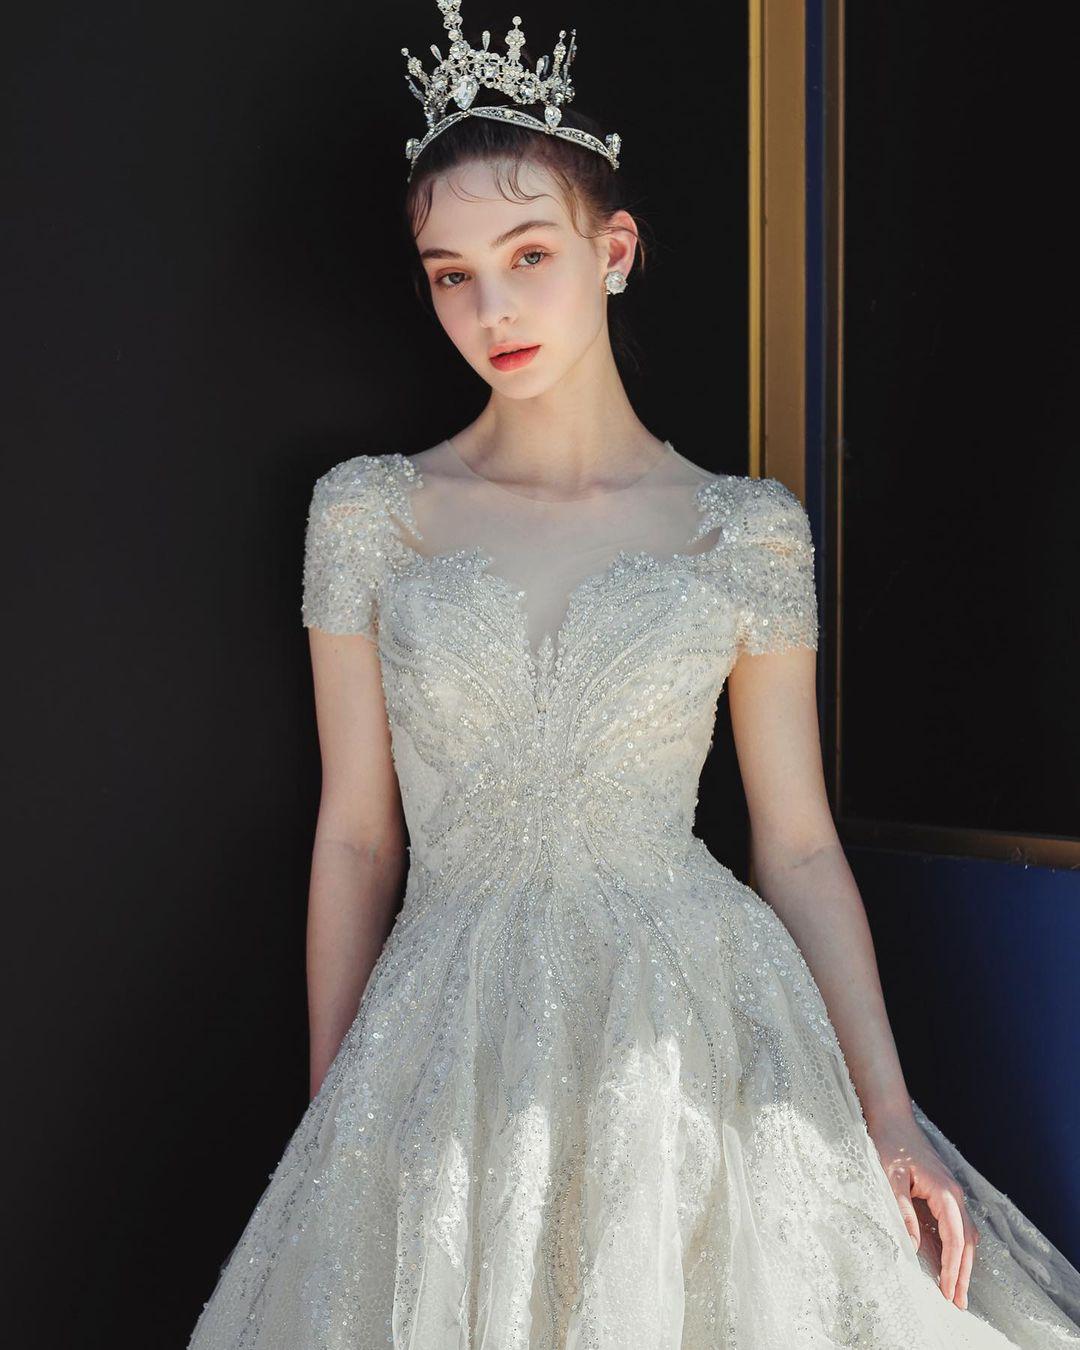 """""""Cô dâu Đông Âu"""" mang vẻ đẹp khiến bao người muốn cưới ở tuổi 17 - 3"""